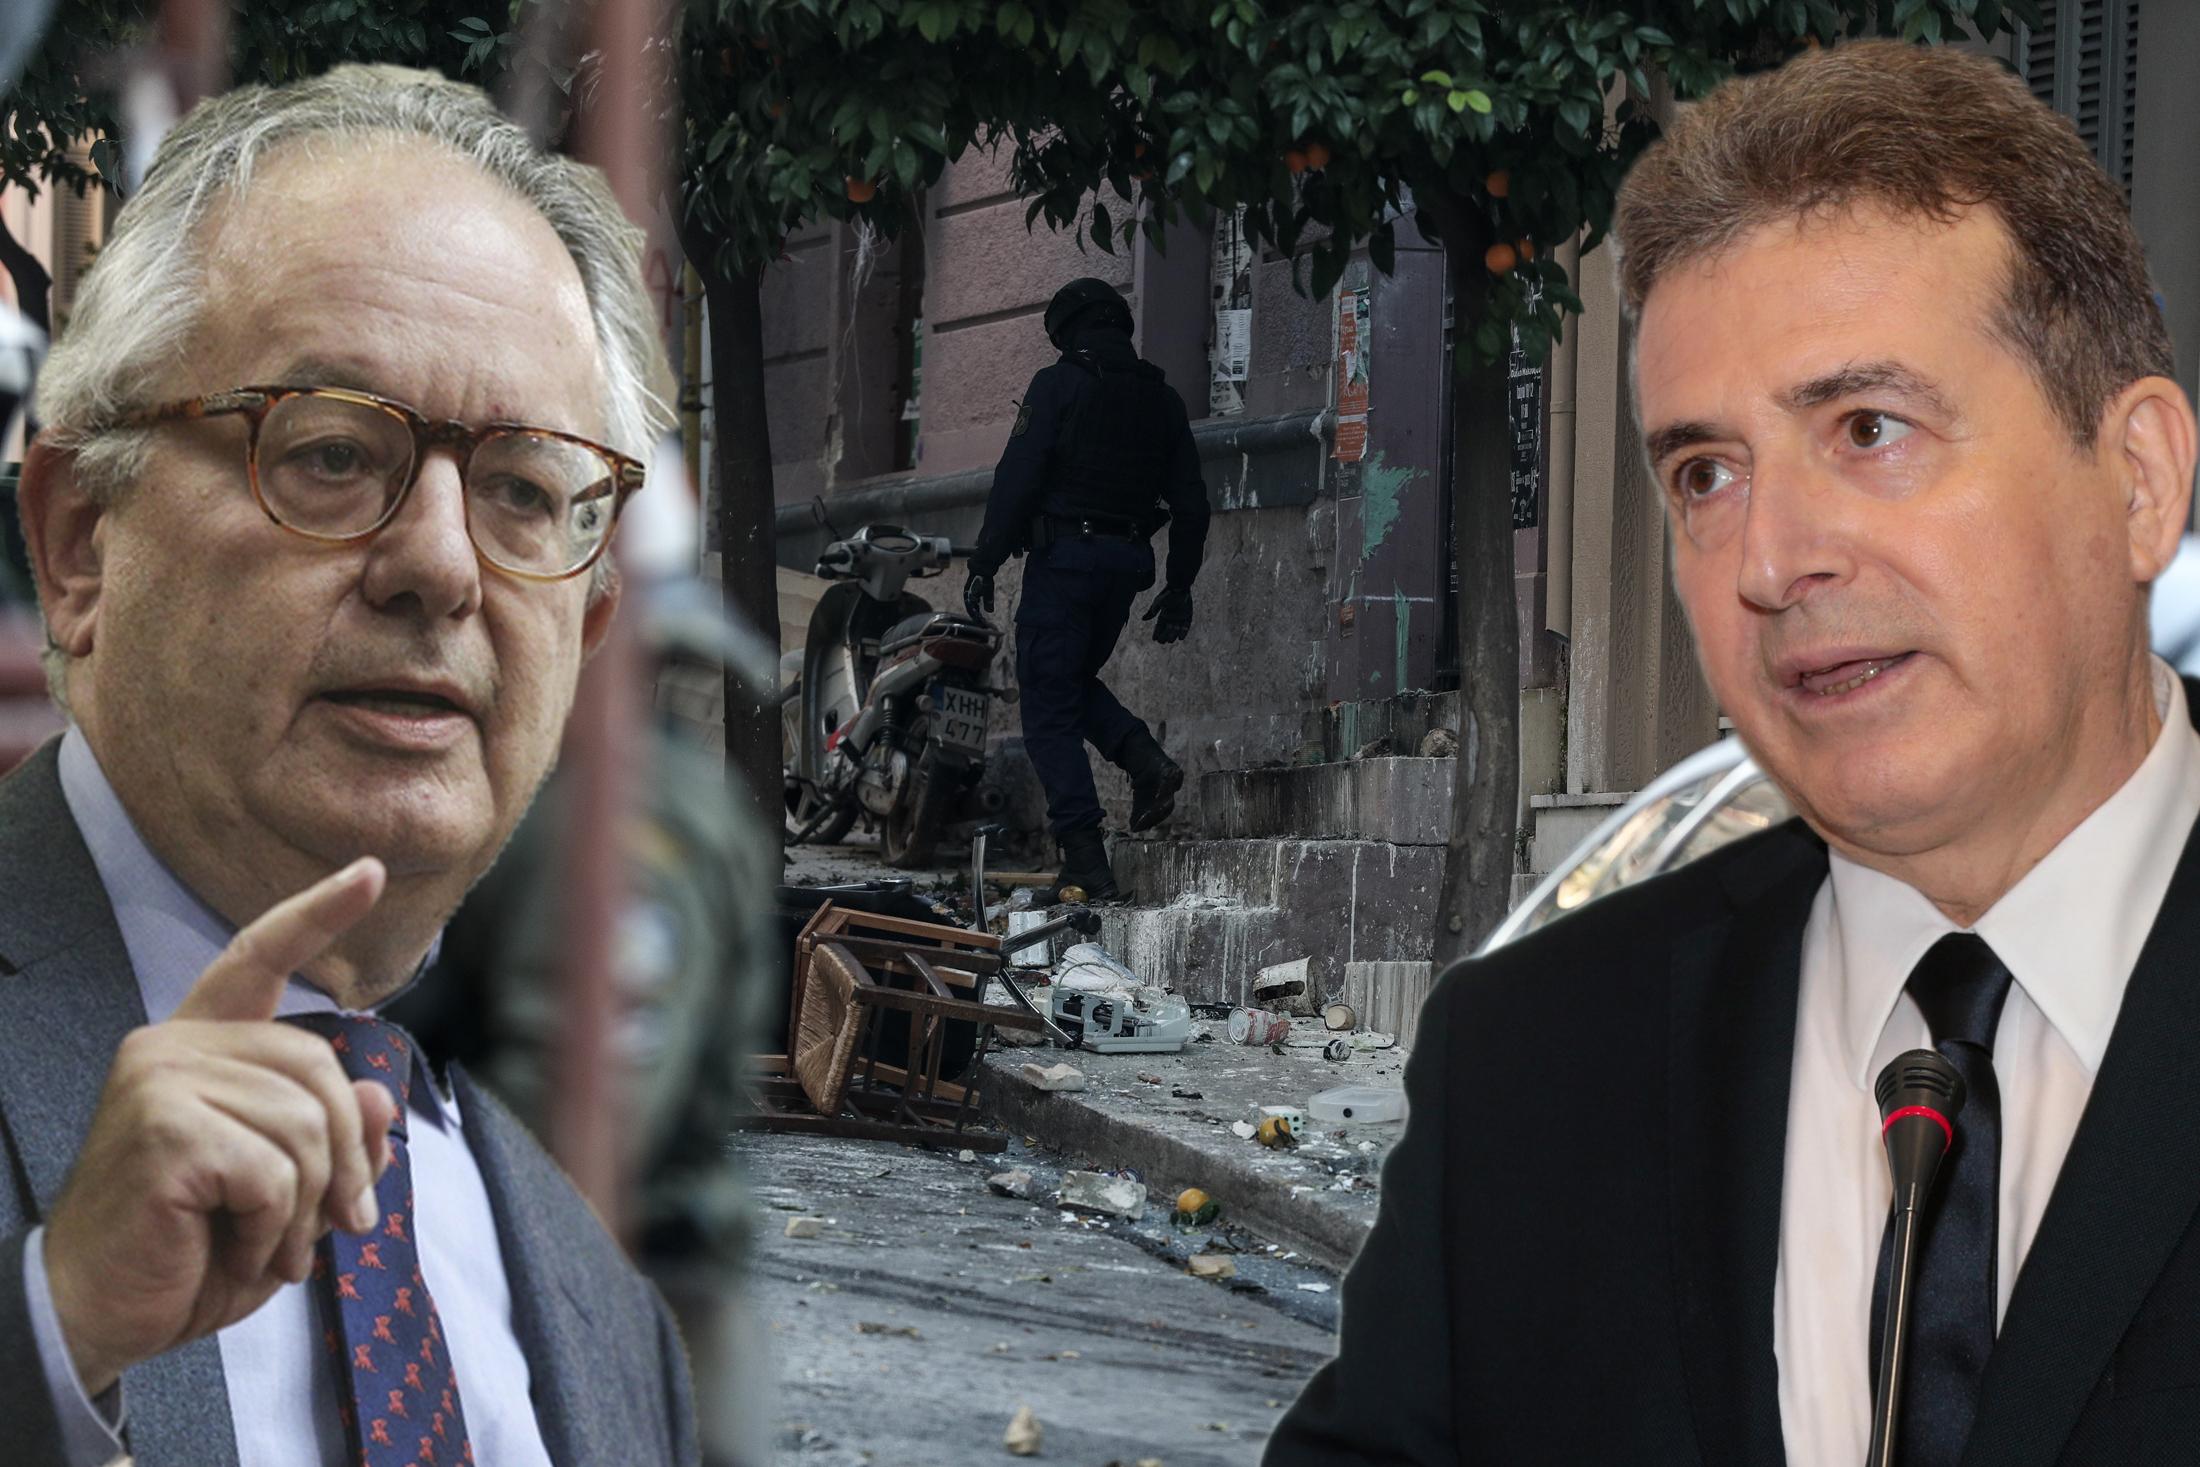 Εννέα συλλήψεις από τις καταλήψεις στο Κουκάκι – Οι καταγγελίες για αστυνομική βία και η αντίδραση Αλιβιζάτου – Χρυσοχοΐδη